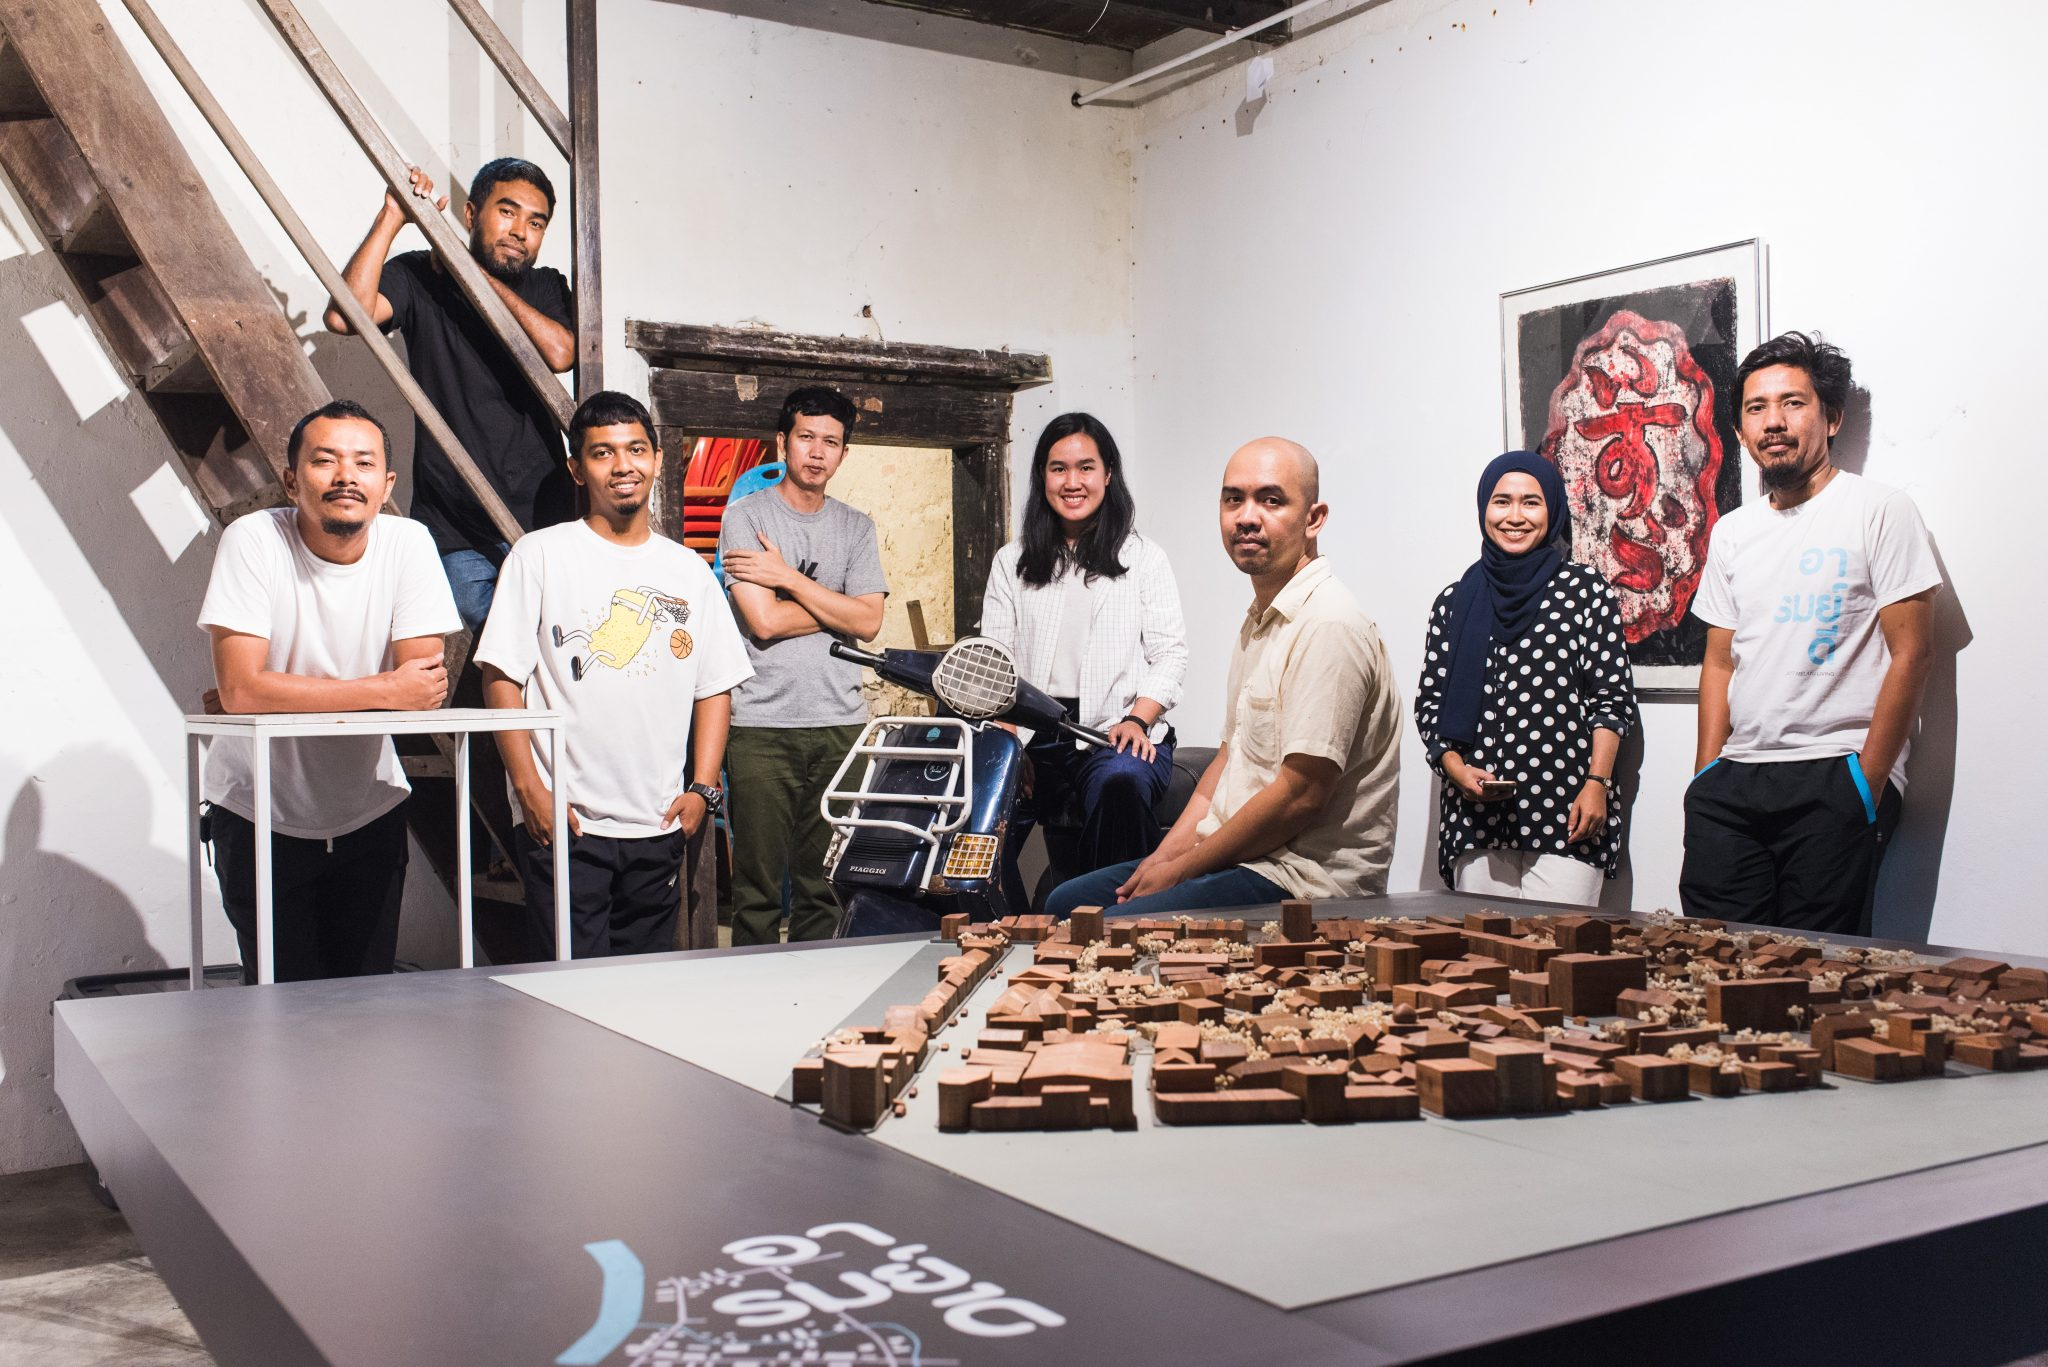 'Melayu Living' ห้องรับแขกแห่งพื้นที่มลายู สะท้อนชีวิตและความสุข ณ ปลายด้ามขวาน